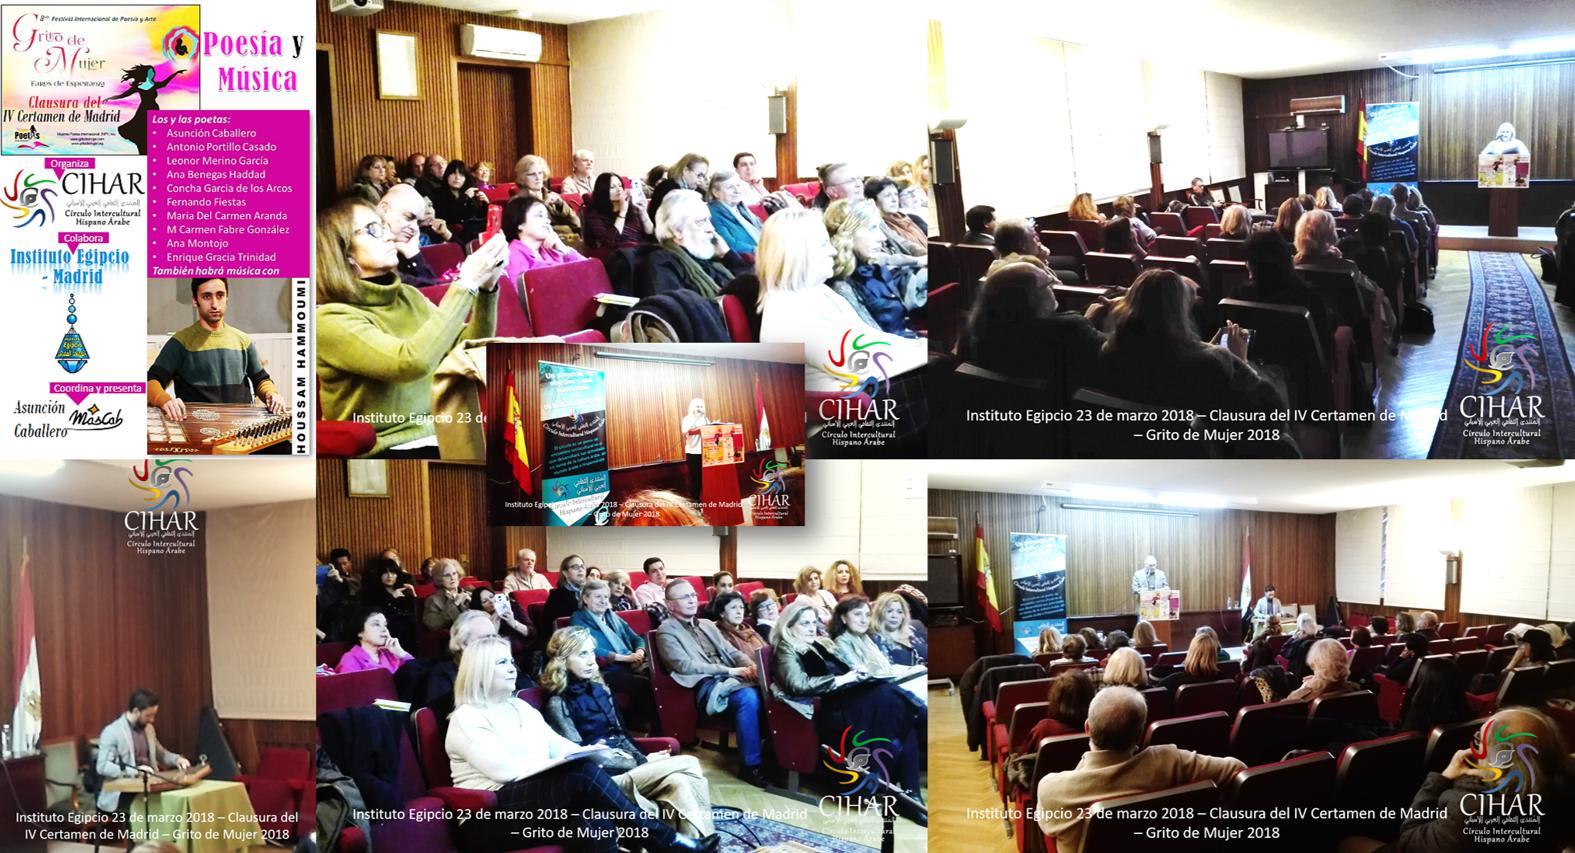 CIHAR organiza la clausura del IV Certamen de Madrid – Grito de Mujer